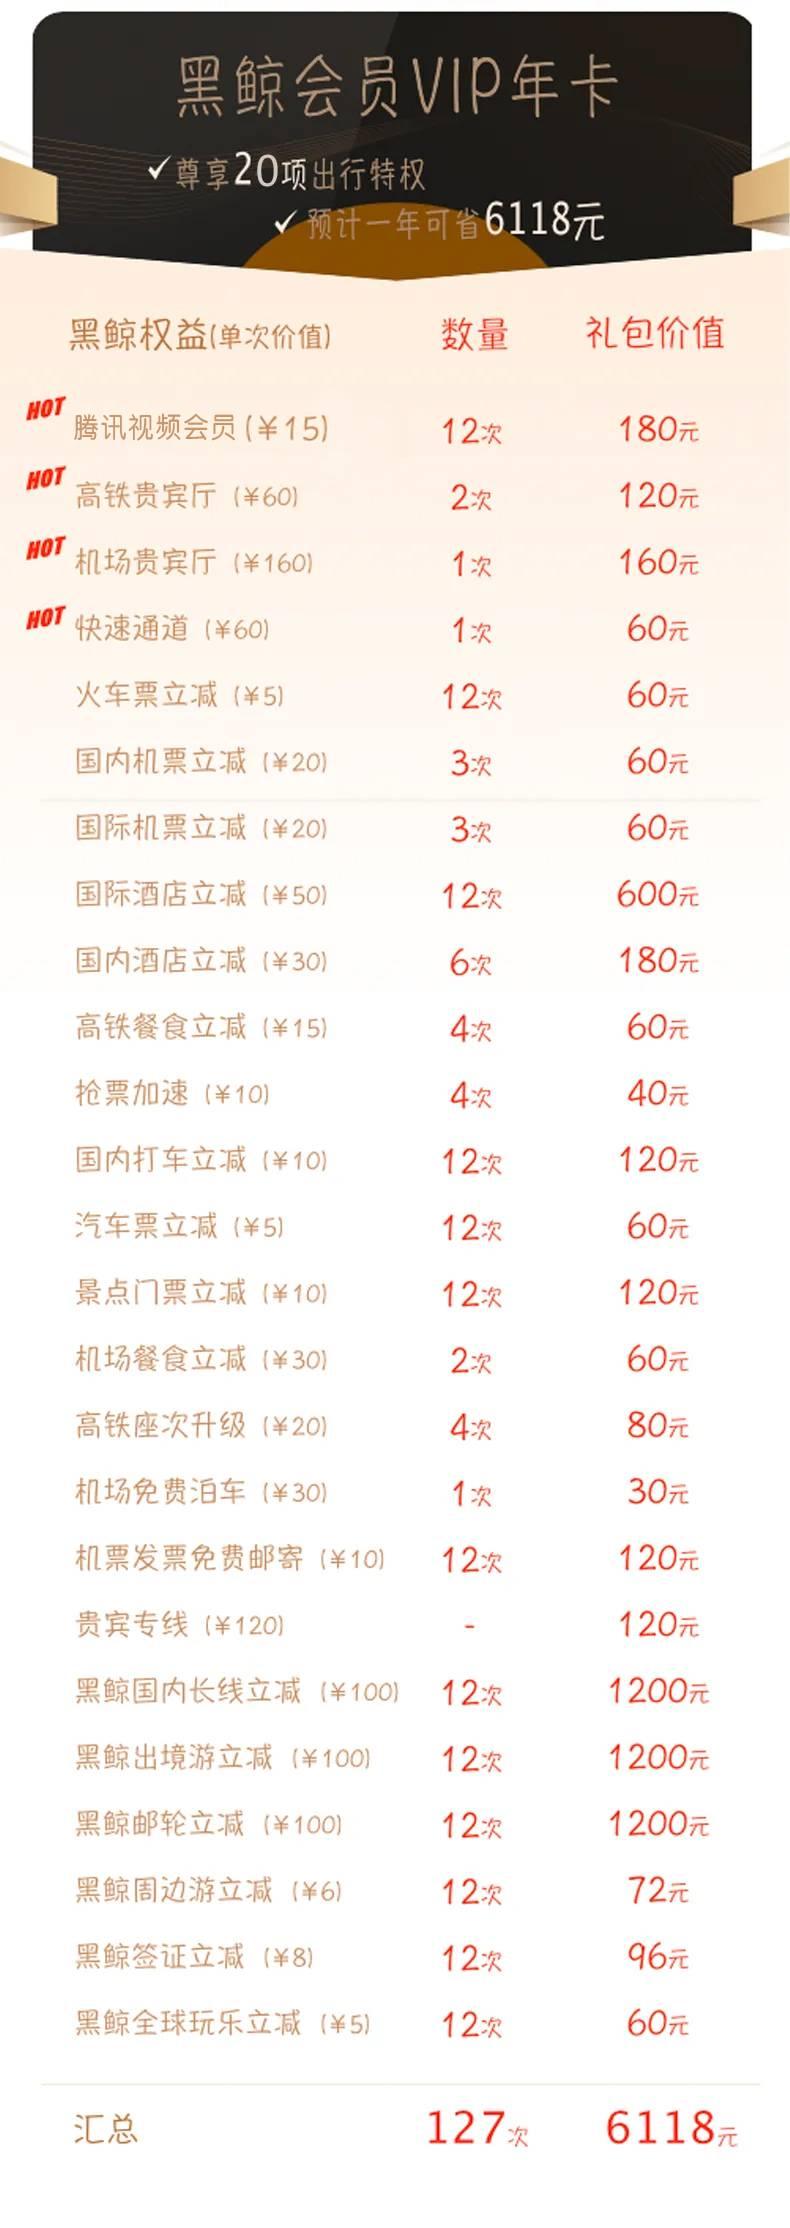 【99元双年卡·同程黑鲸VIP1年+腾讯视频VIP12个月】官方授权~99元享12个月腾讯视频VIP权益+同程20项出行权益!官方APP激活开通,预计年省6118元